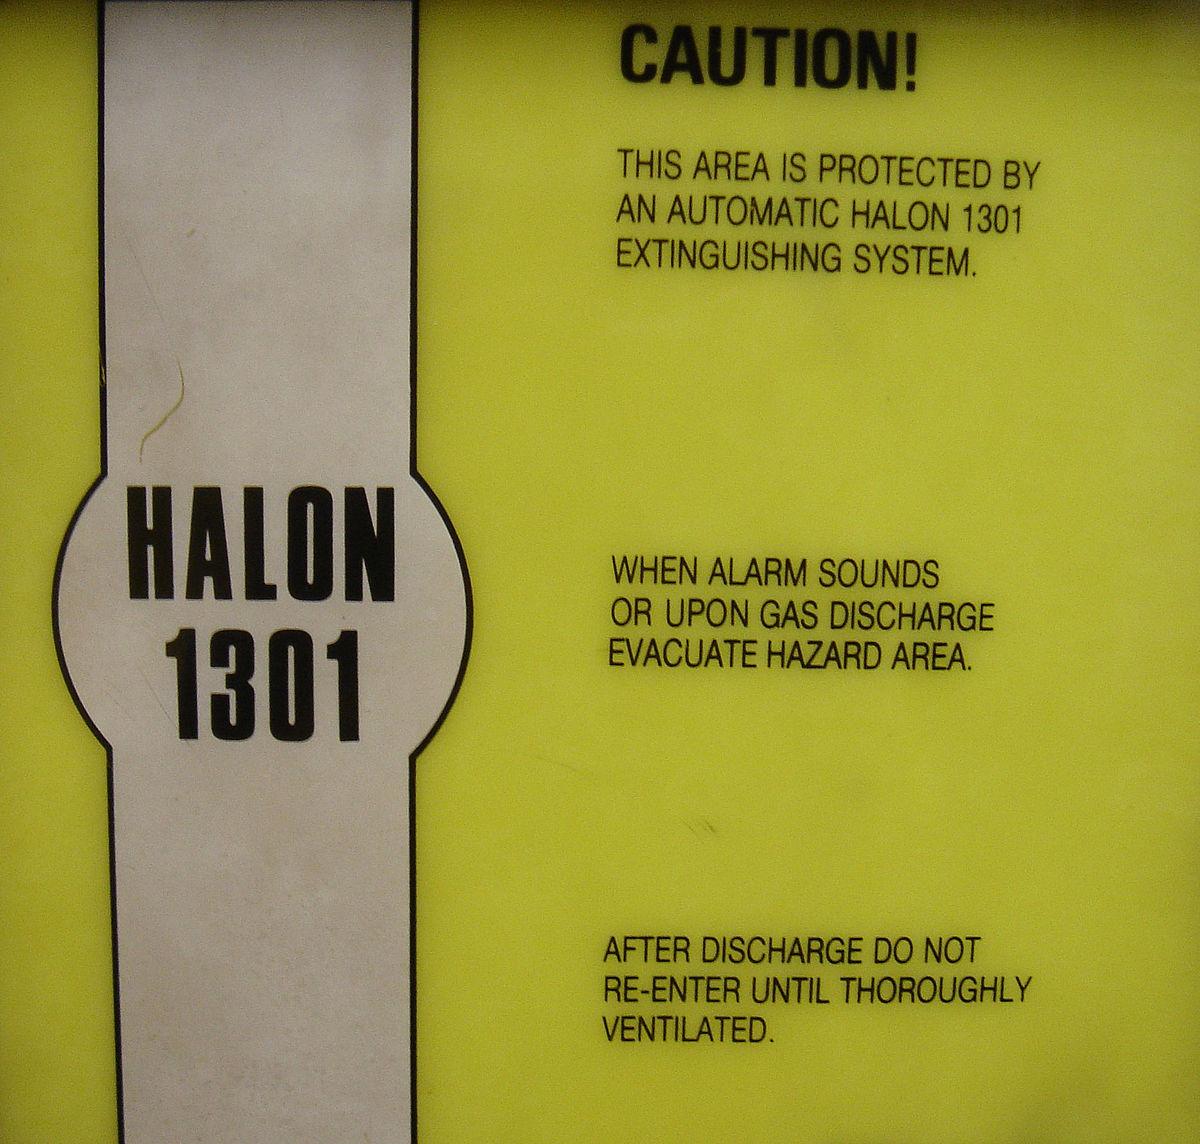 Halonit